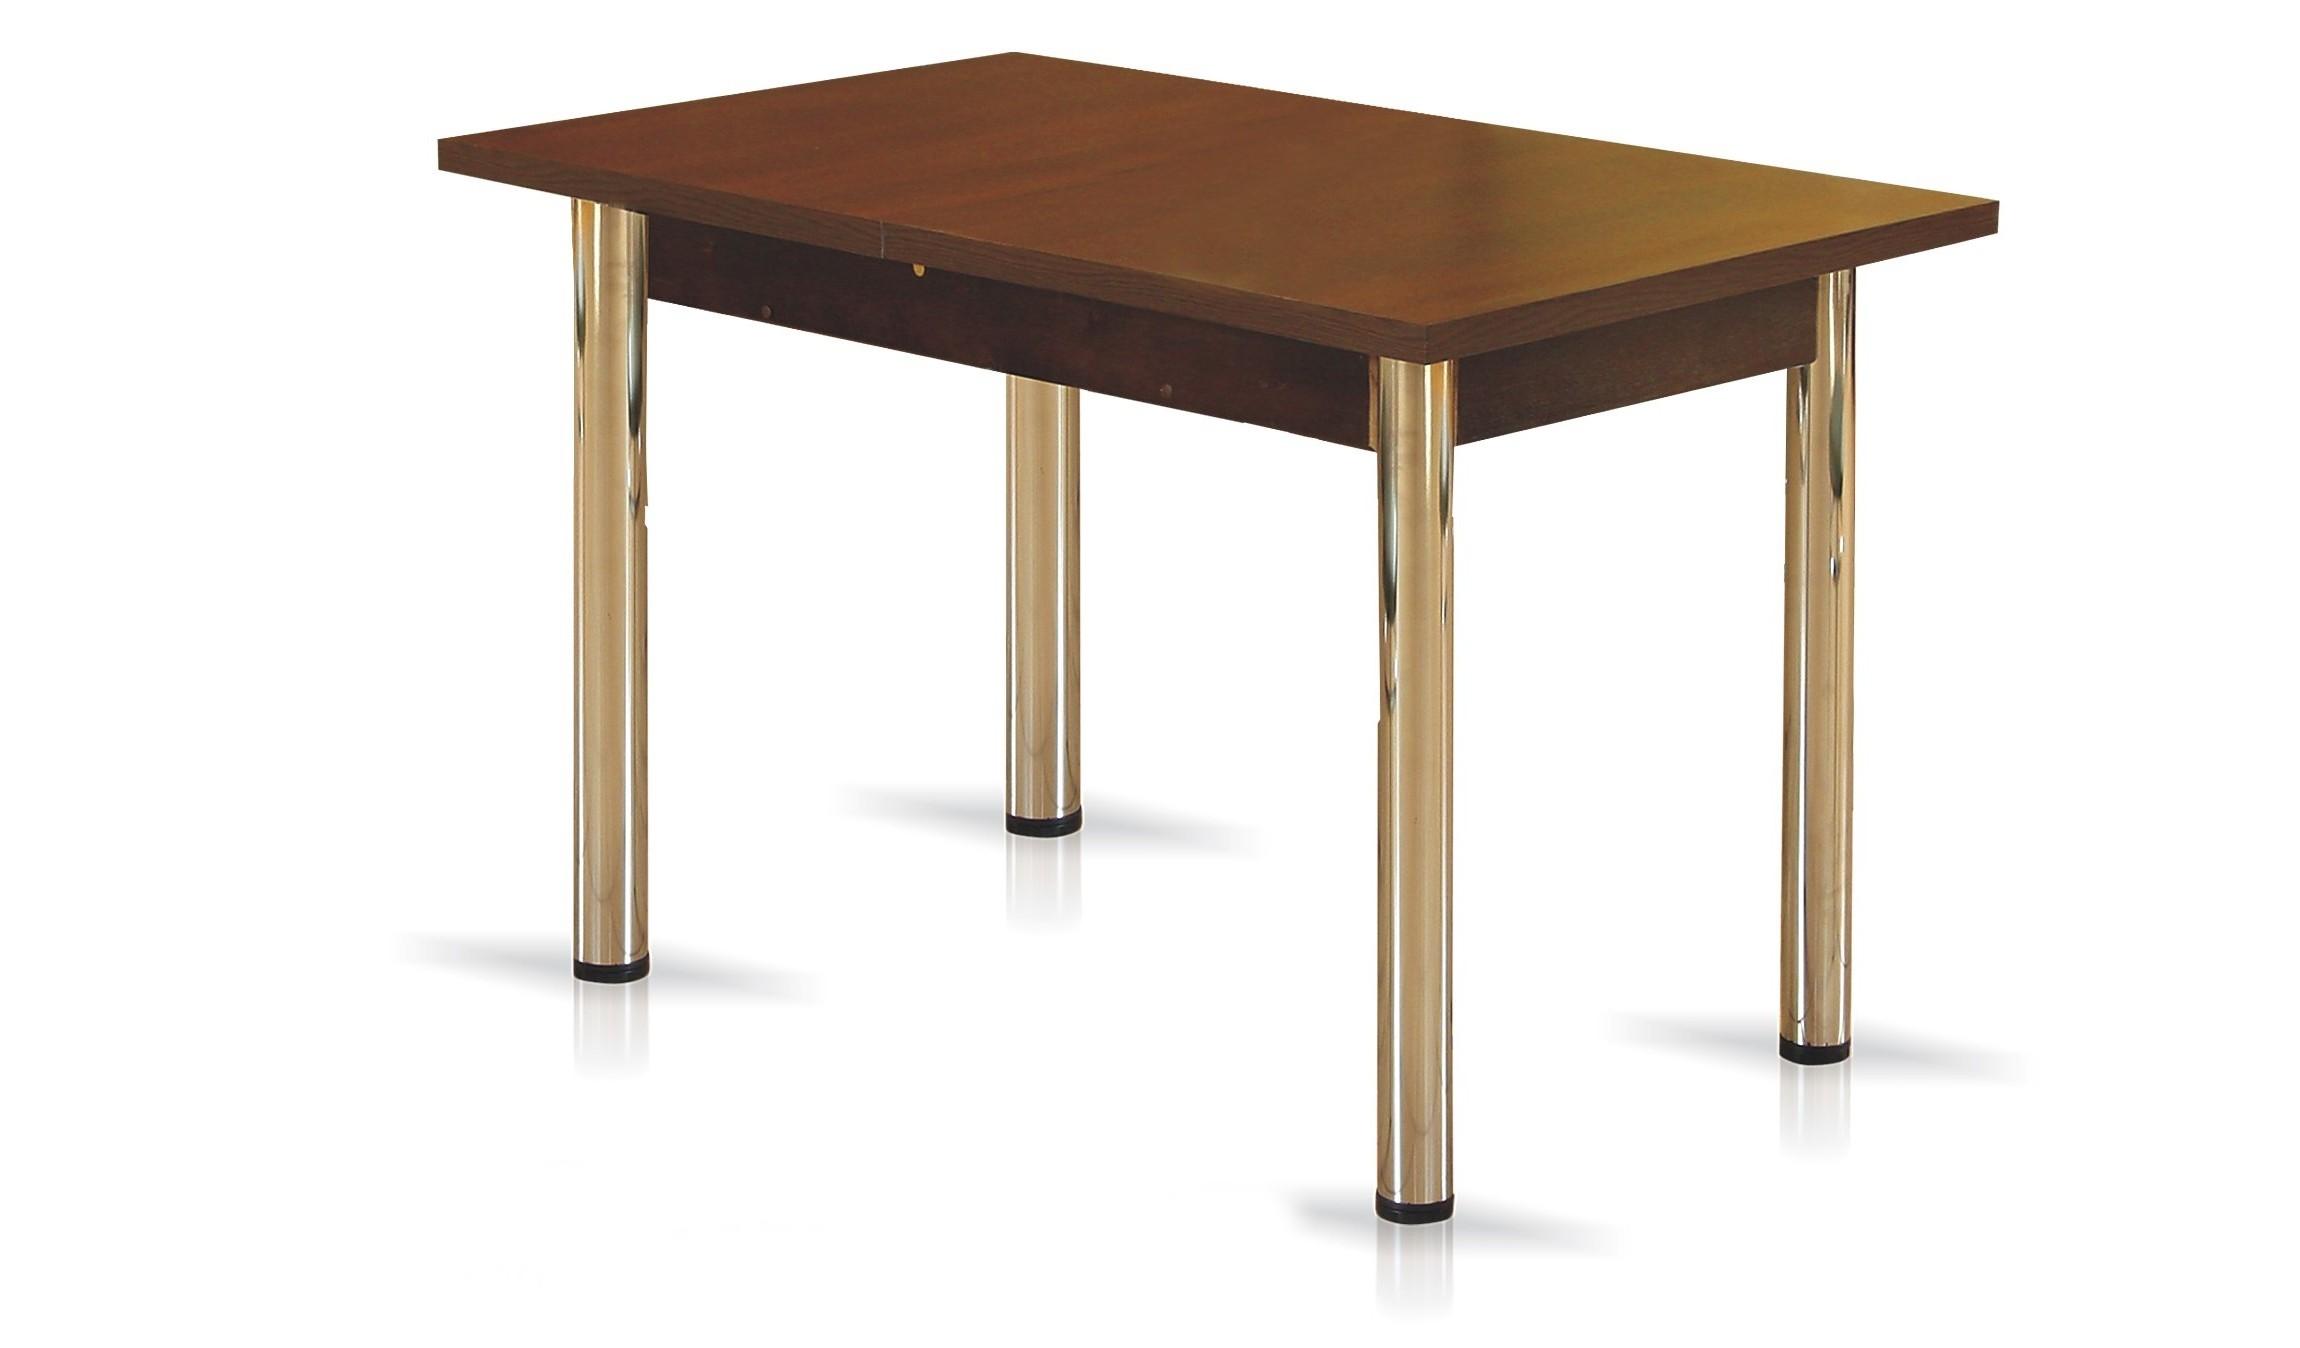 Stół do kuchni SM20 rozkładany szerokość 70 cm na chromowanych nogach